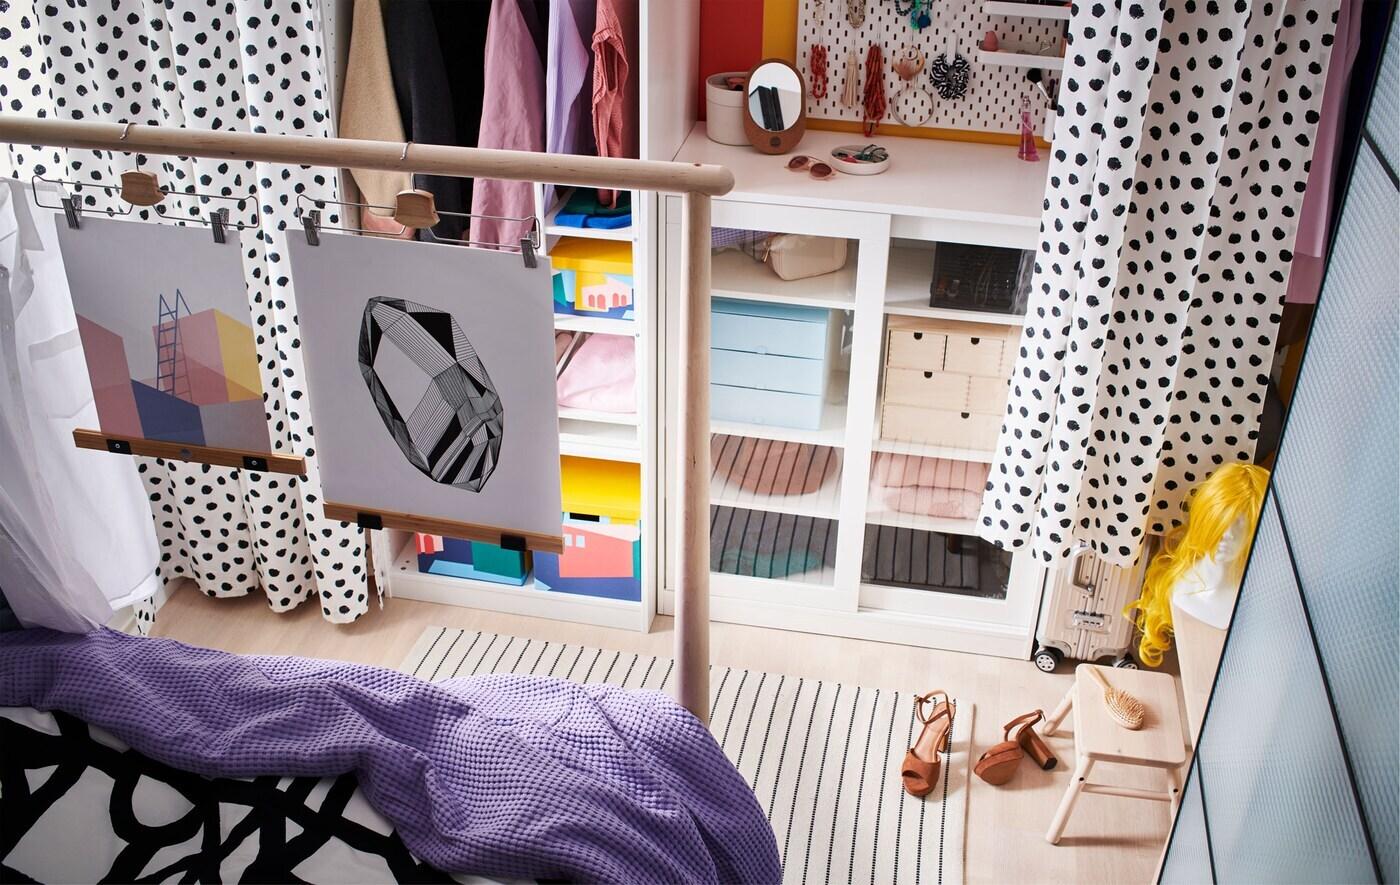 مزيج من التخزين المفتوح والمغلق على طول الجدار، وممر مكون بين الستائر المعلقة في مقدمة ونهاية السرير.\n